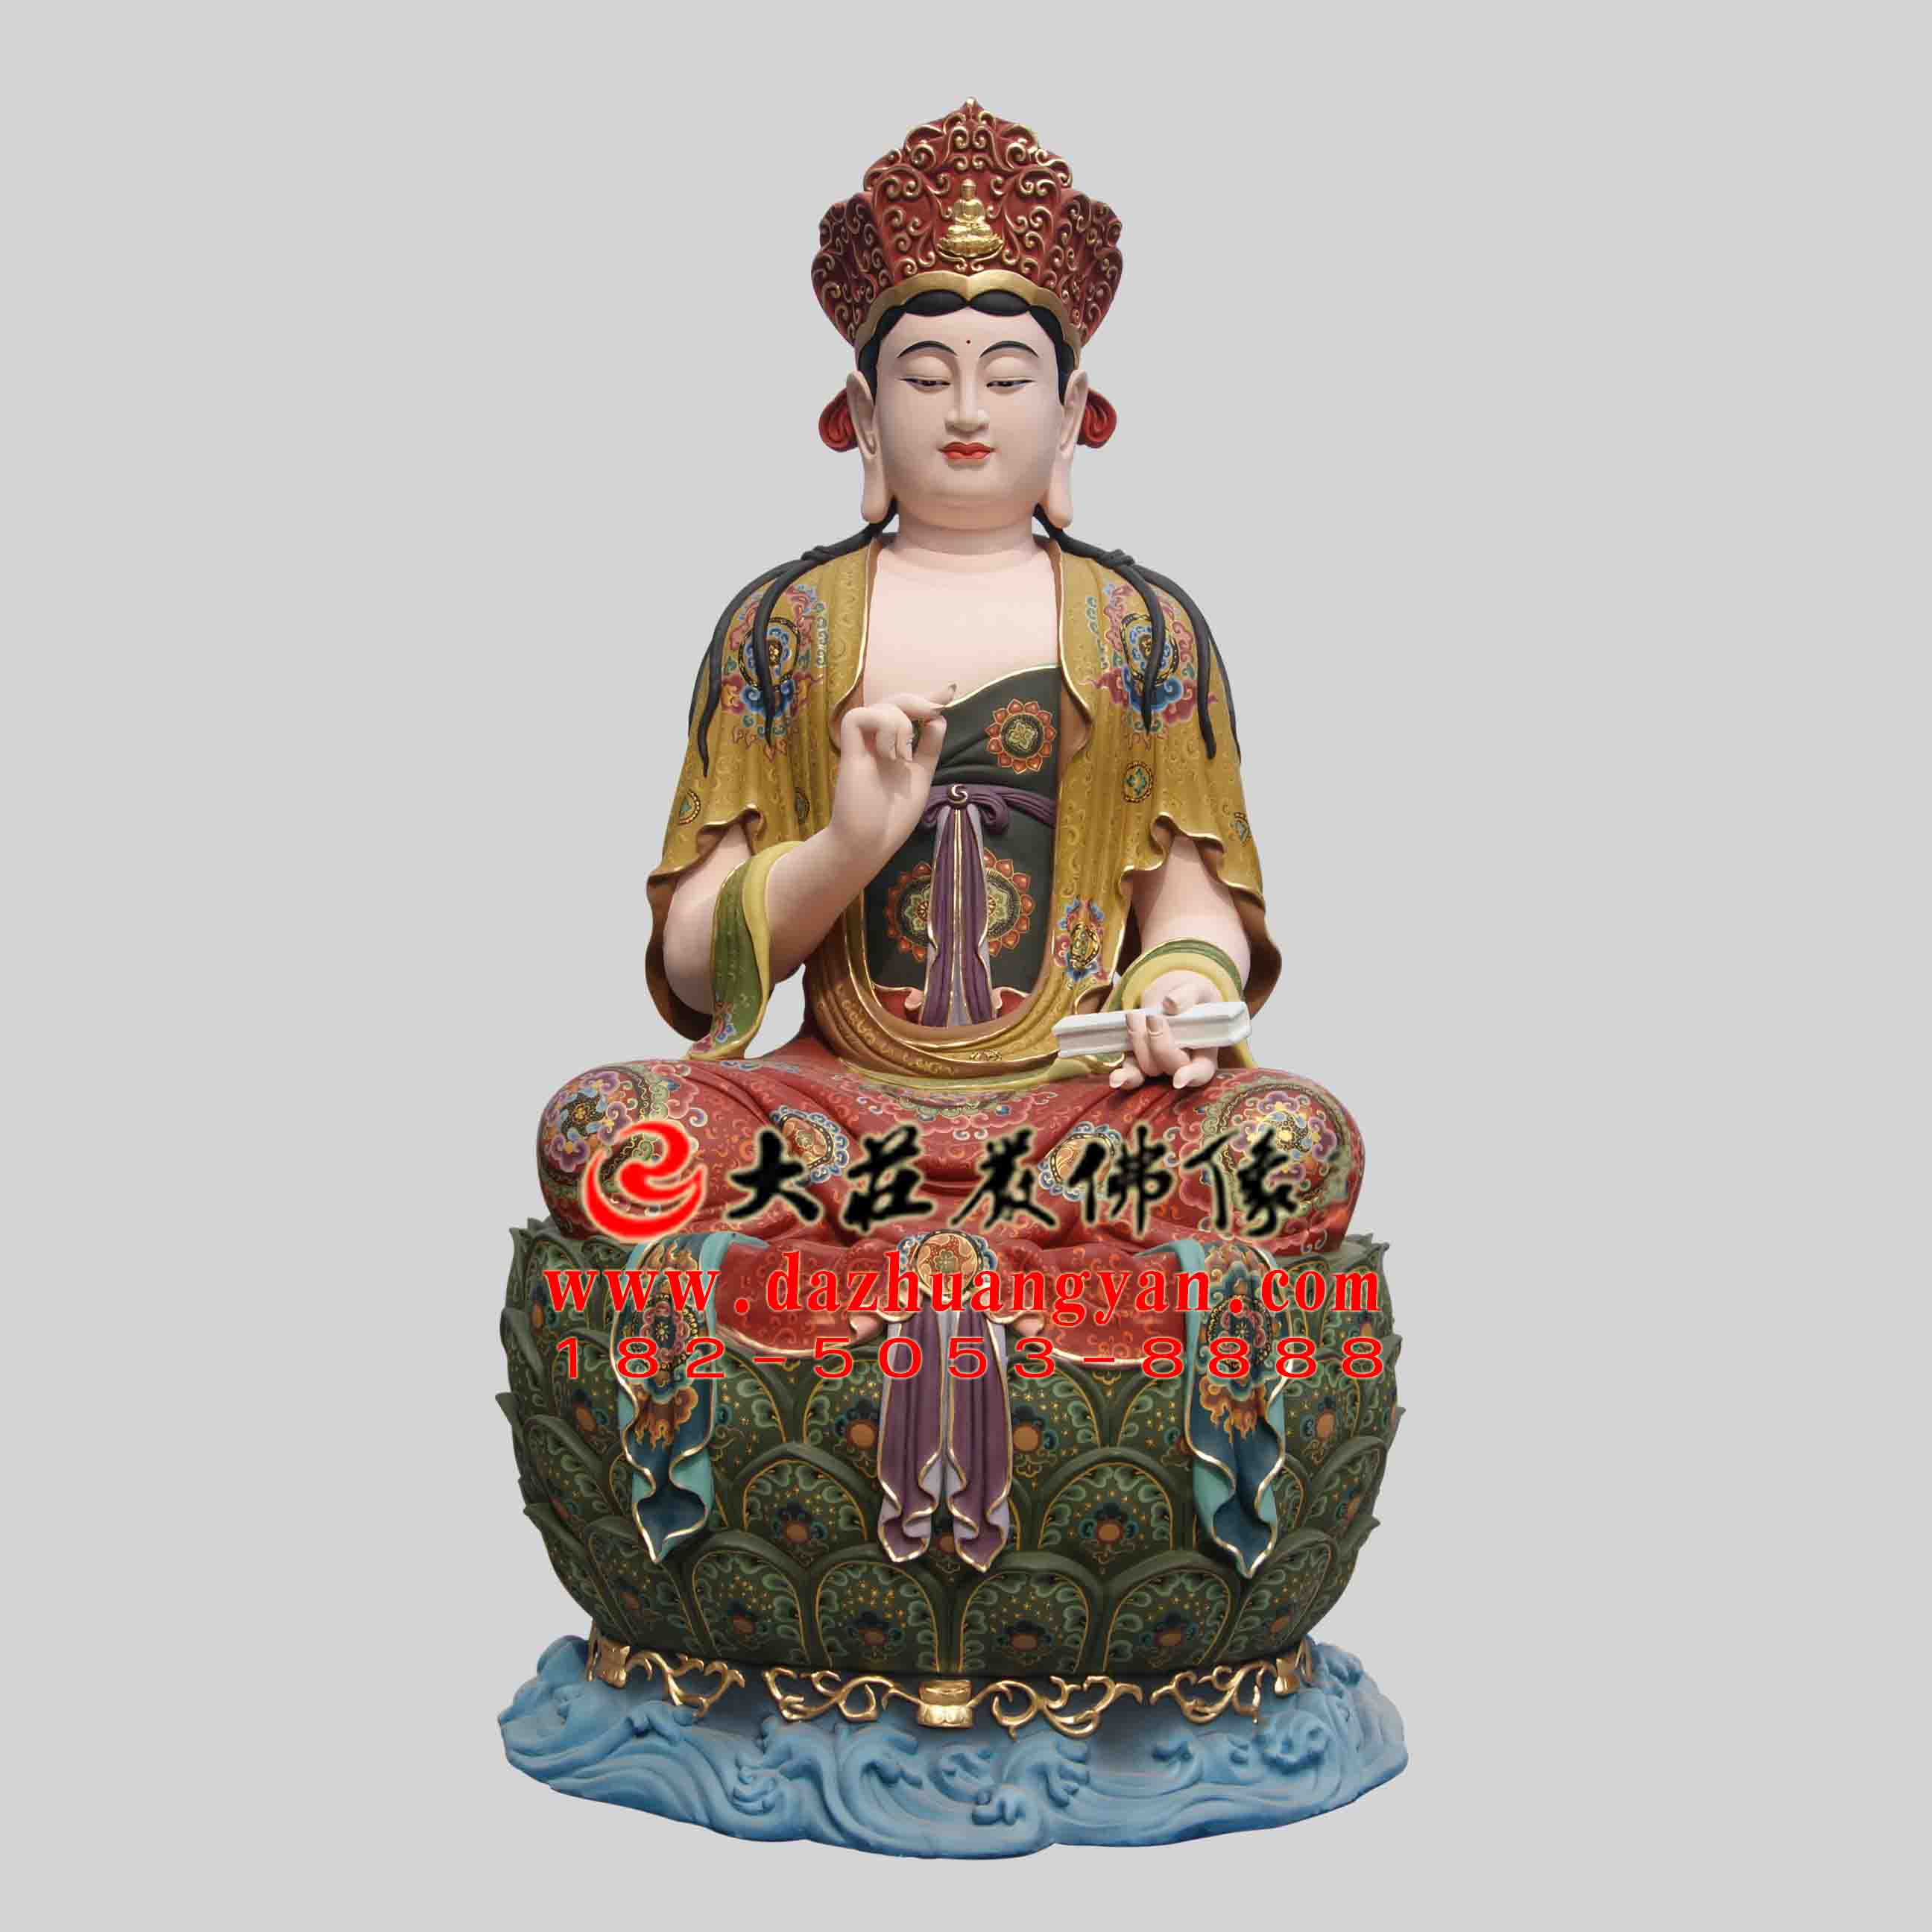 彩绘描金生漆脱胎四大菩萨之文殊菩萨塑像